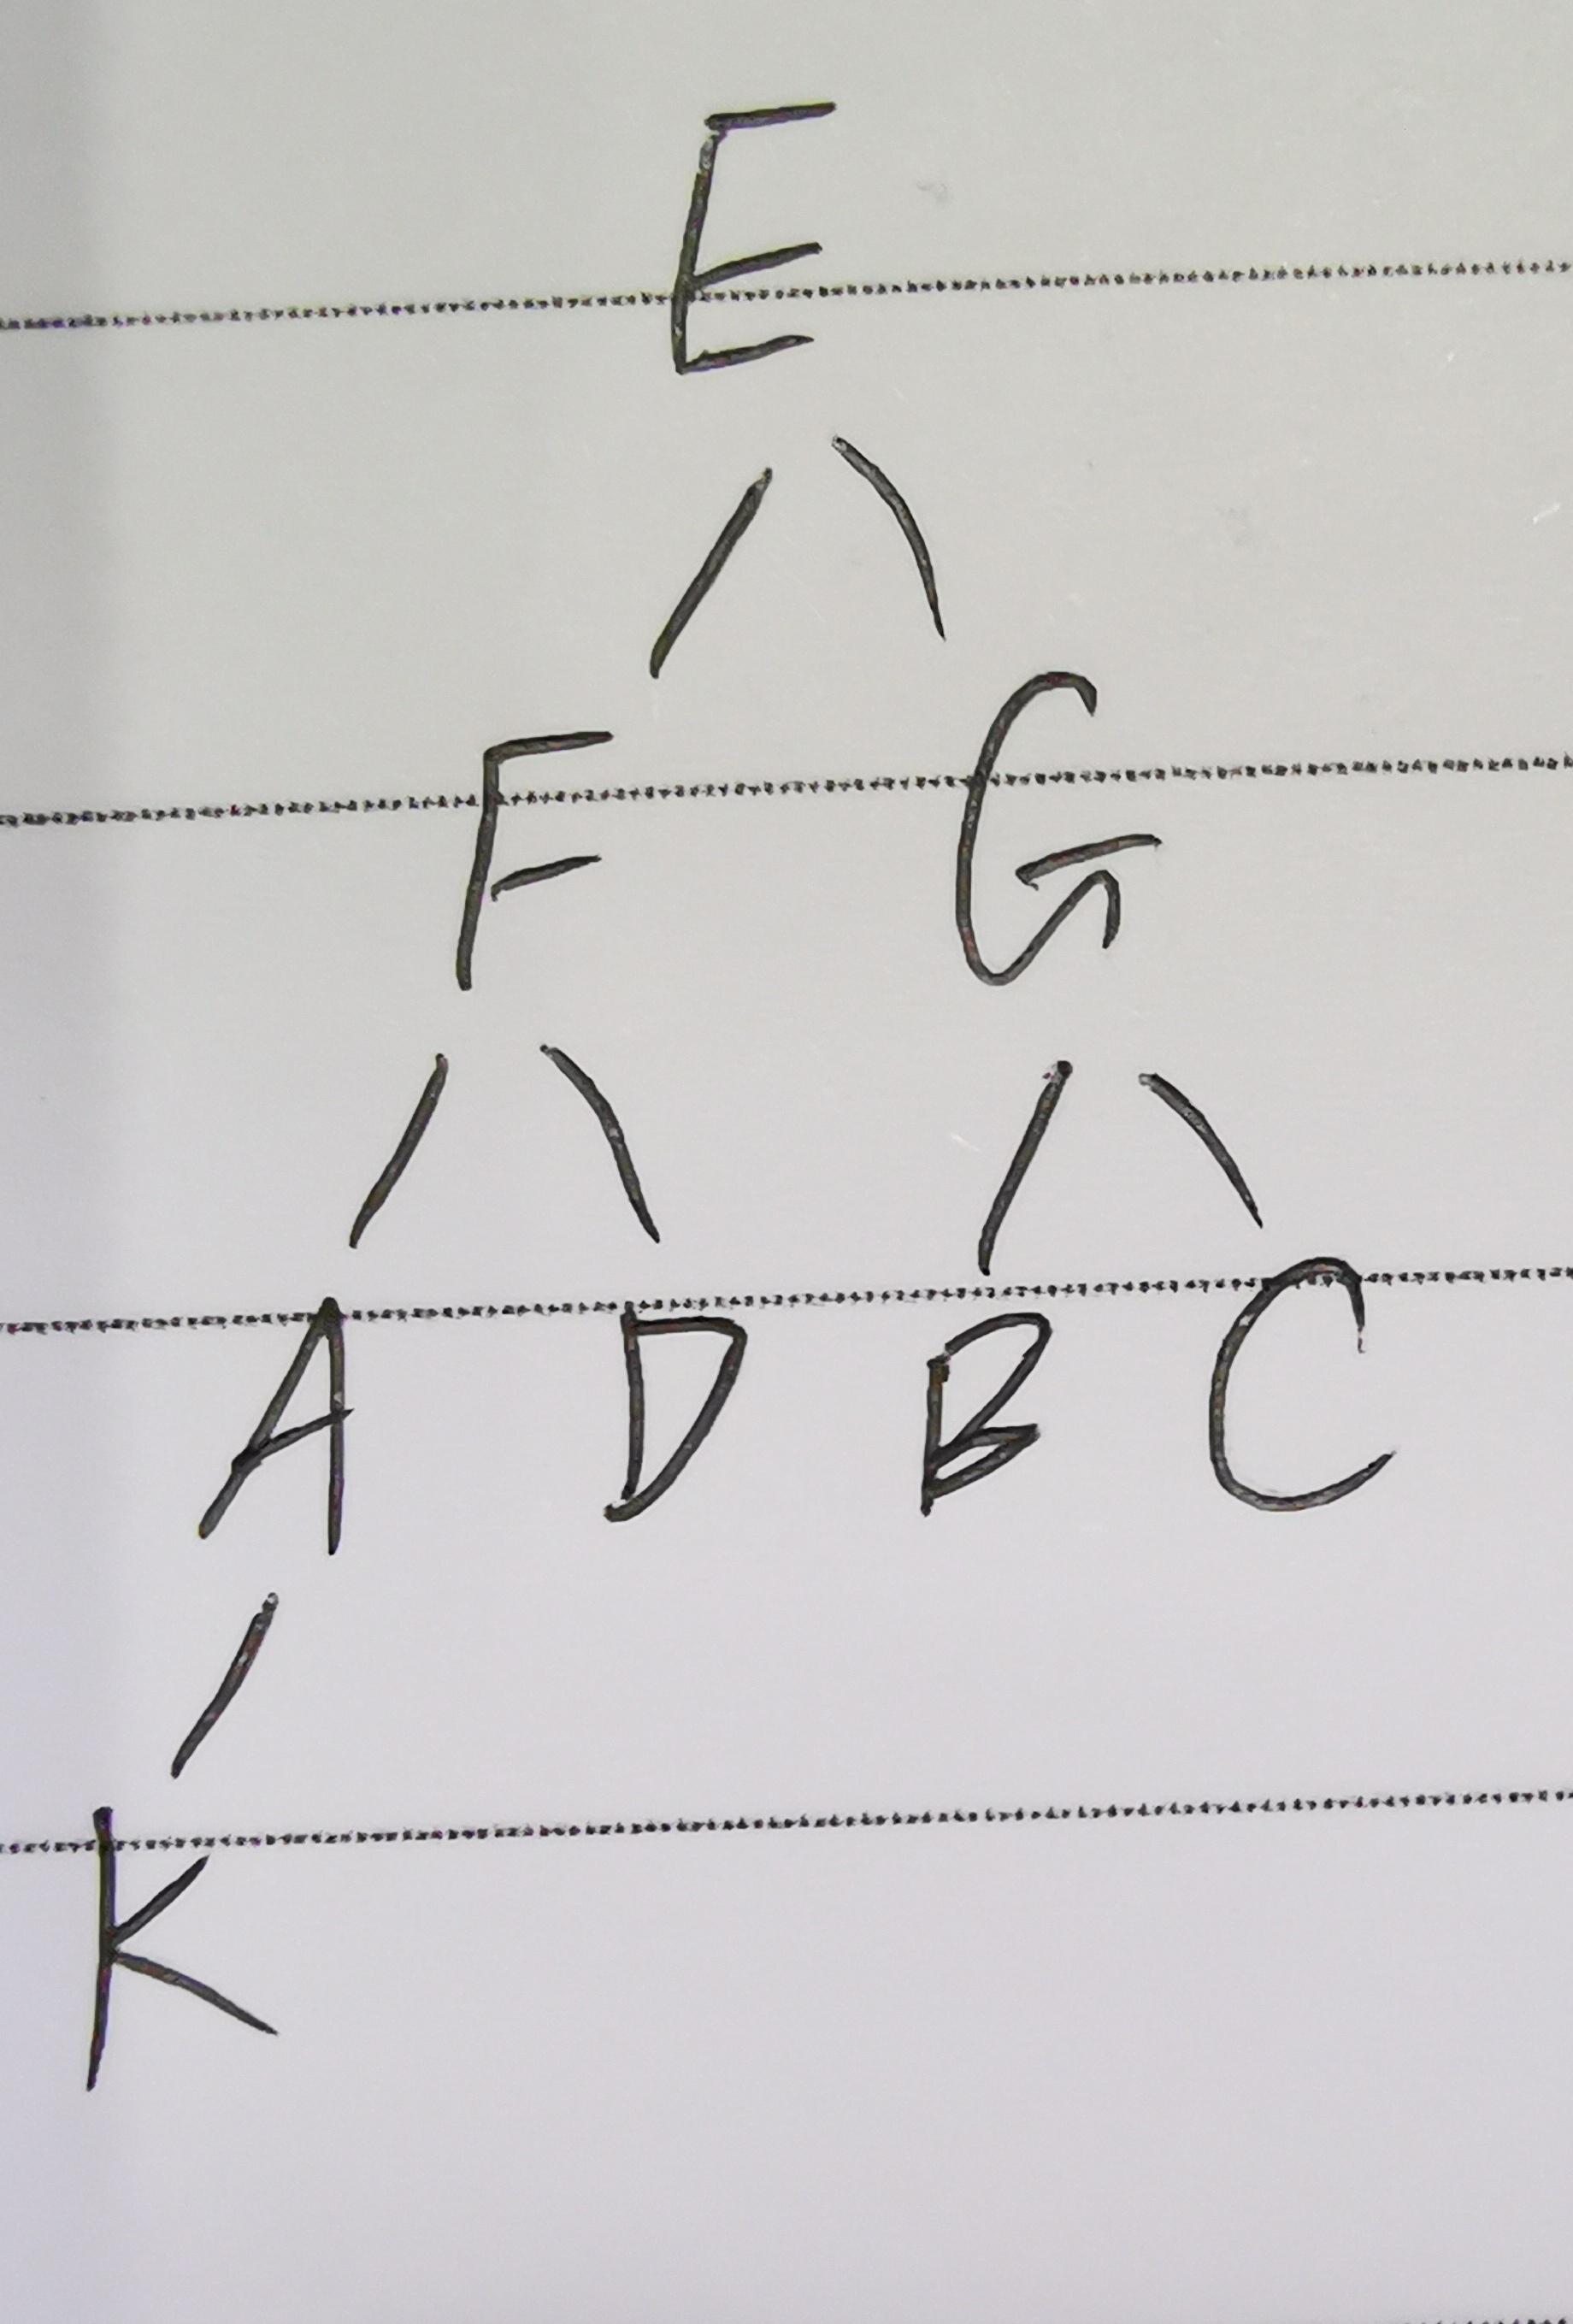 树的高度是指根到叶子节点的最长路径的边数(根的高度为0)。一个二叉树的中序遍历序列为 KAFDEBGC,前序遍历序列为 EFAKDGBC,则该二叉树的高度为 ( )